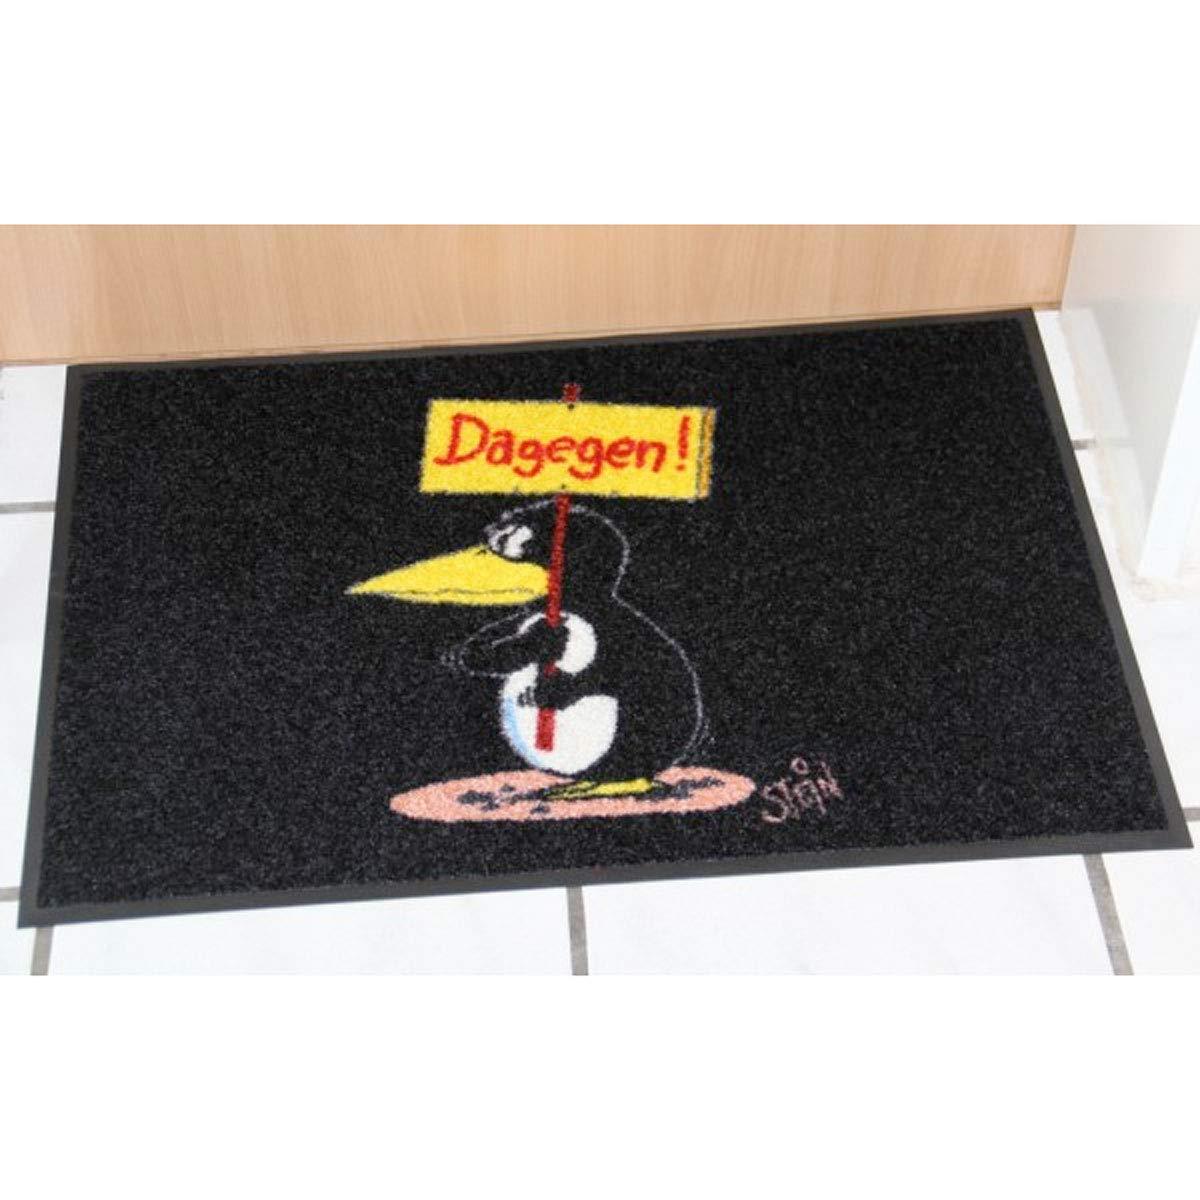 Wash+Dry Waschbare Fußmatte Fußmatte Fußmatte - Pinguin - Dagegen ©Uli Stein - 50x75cm lustiger Fußabstreifer mit Cartoon Motiv B008I32PKY Fumatten 52ad77